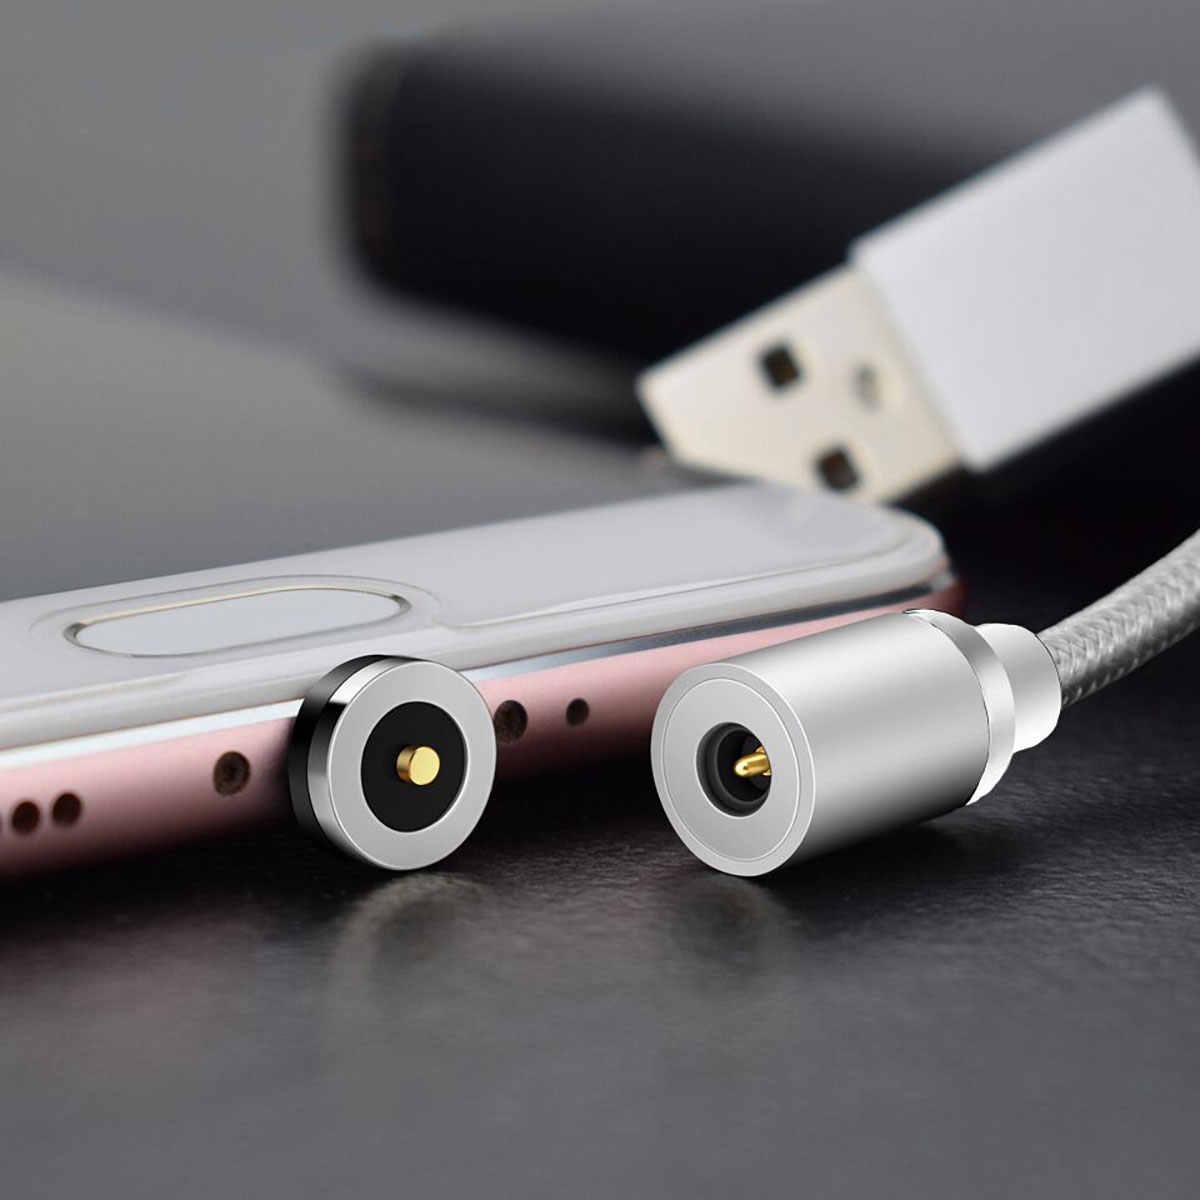 3FT Тип usb C Магнитный Зарядное устройство кабель для sony Xperia 1 XZ3 L1 L2 L3 R1 XZ XZ3 XZ1 XZ2 Премиум X Compact XA1 10 плюс XA2 Ультра